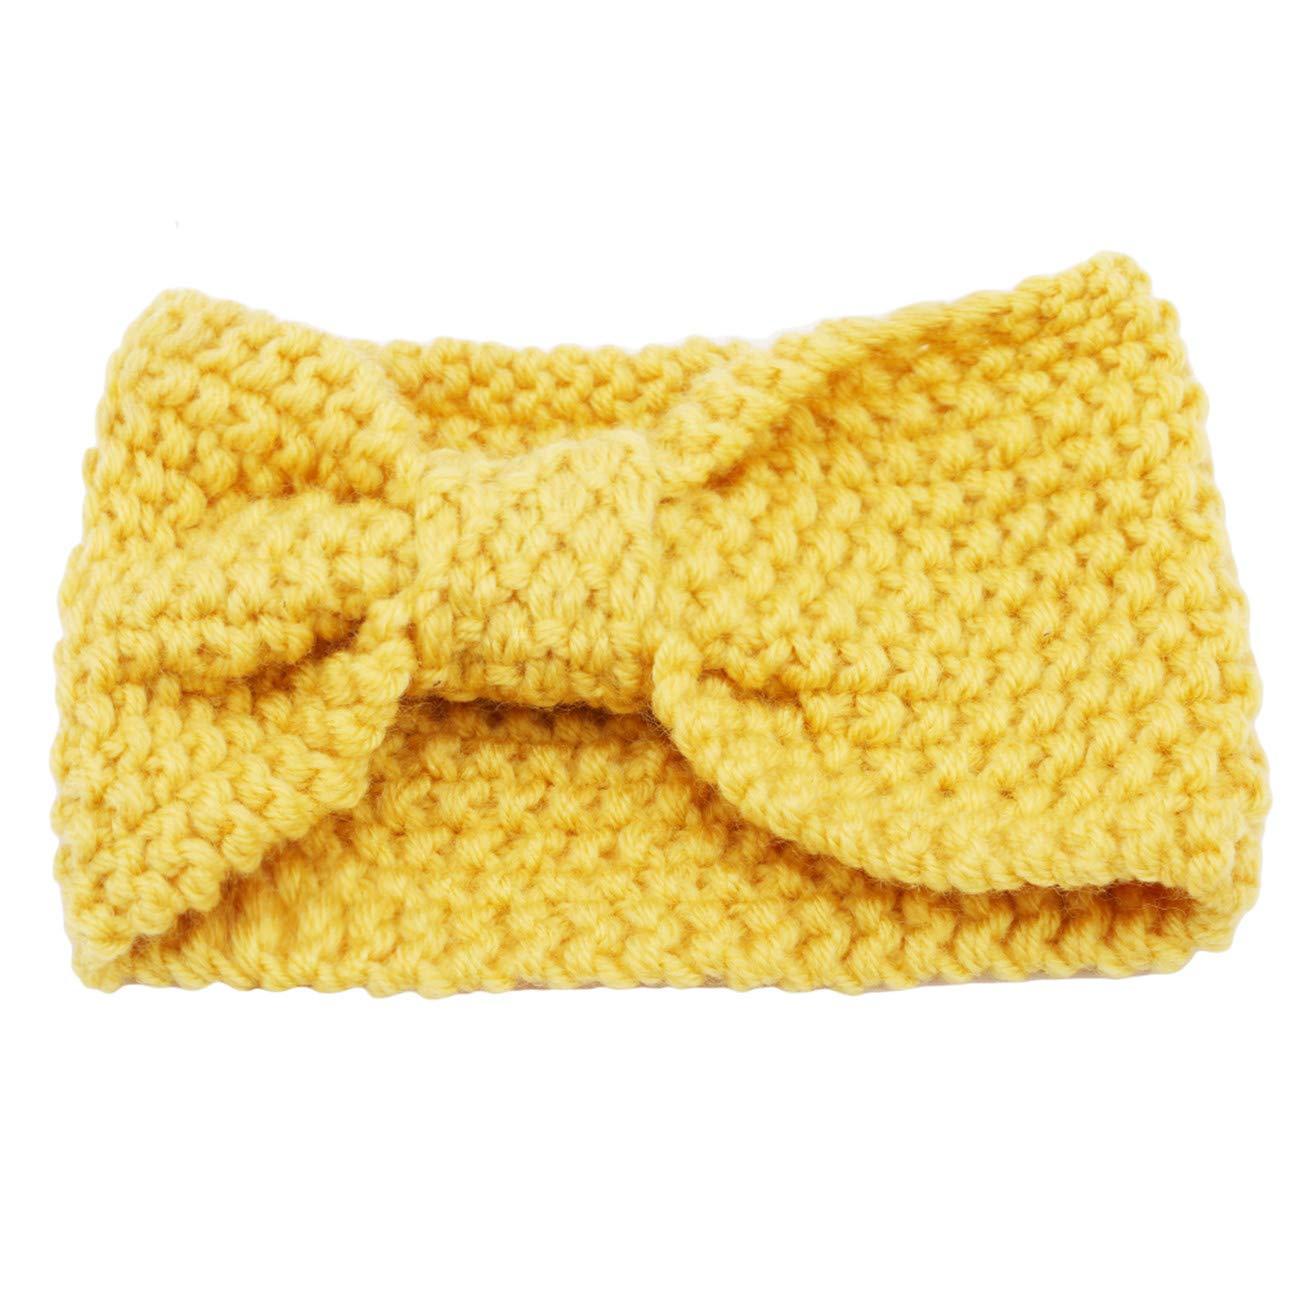 ZALING Solid Color Handmade Warm Winter Headbands Women's Knitted Cross Headband Ear Warmers Crochet Head Wraps for Female, Yellow